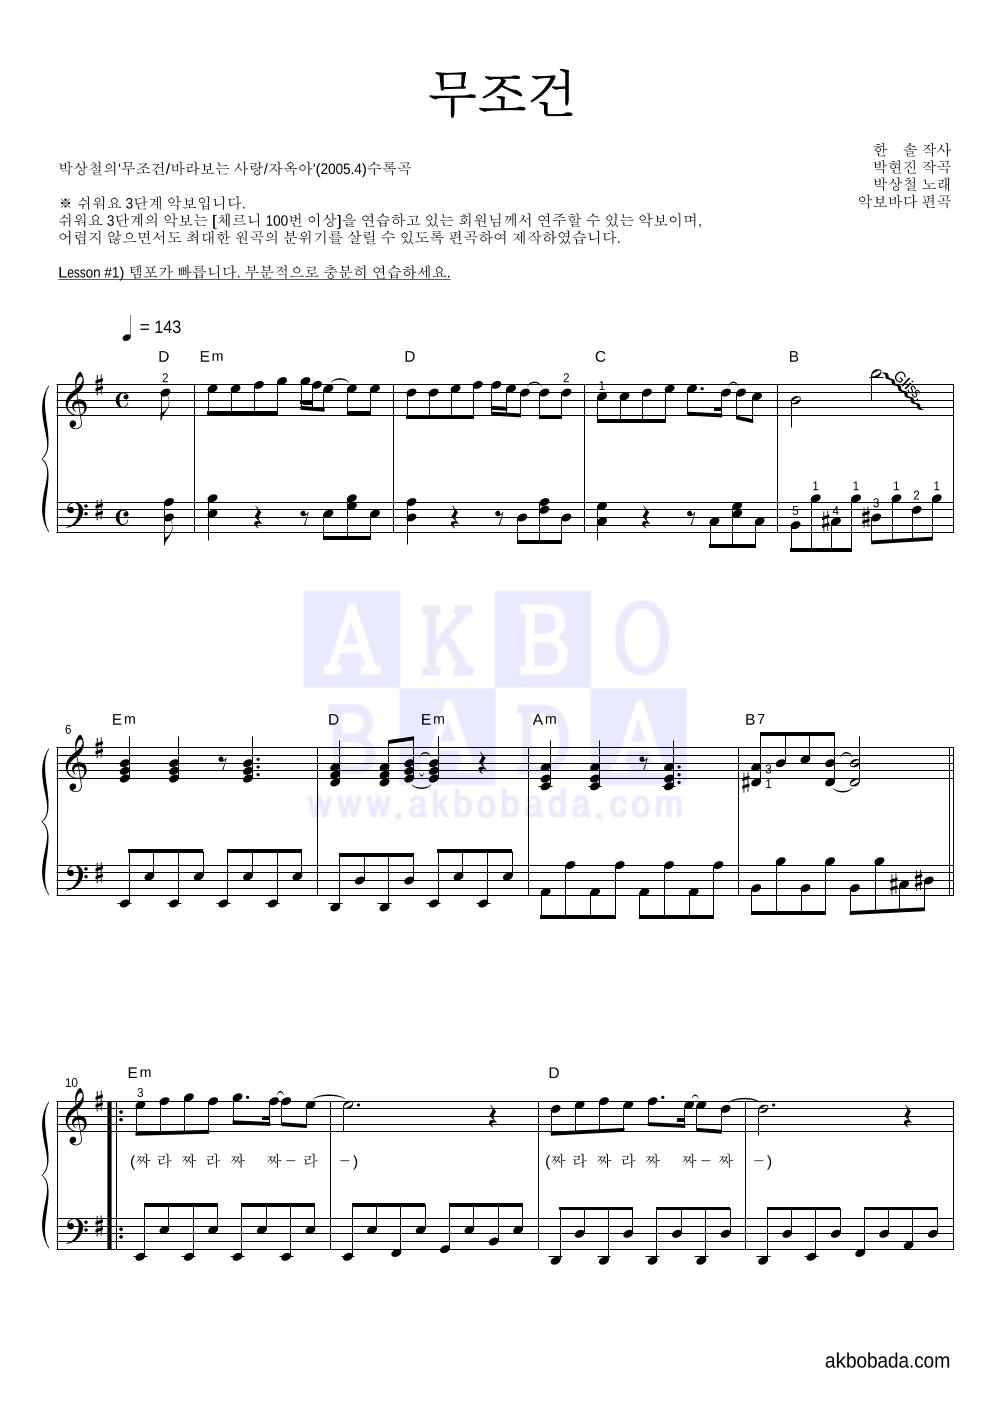 박상철 - 무조건  악보